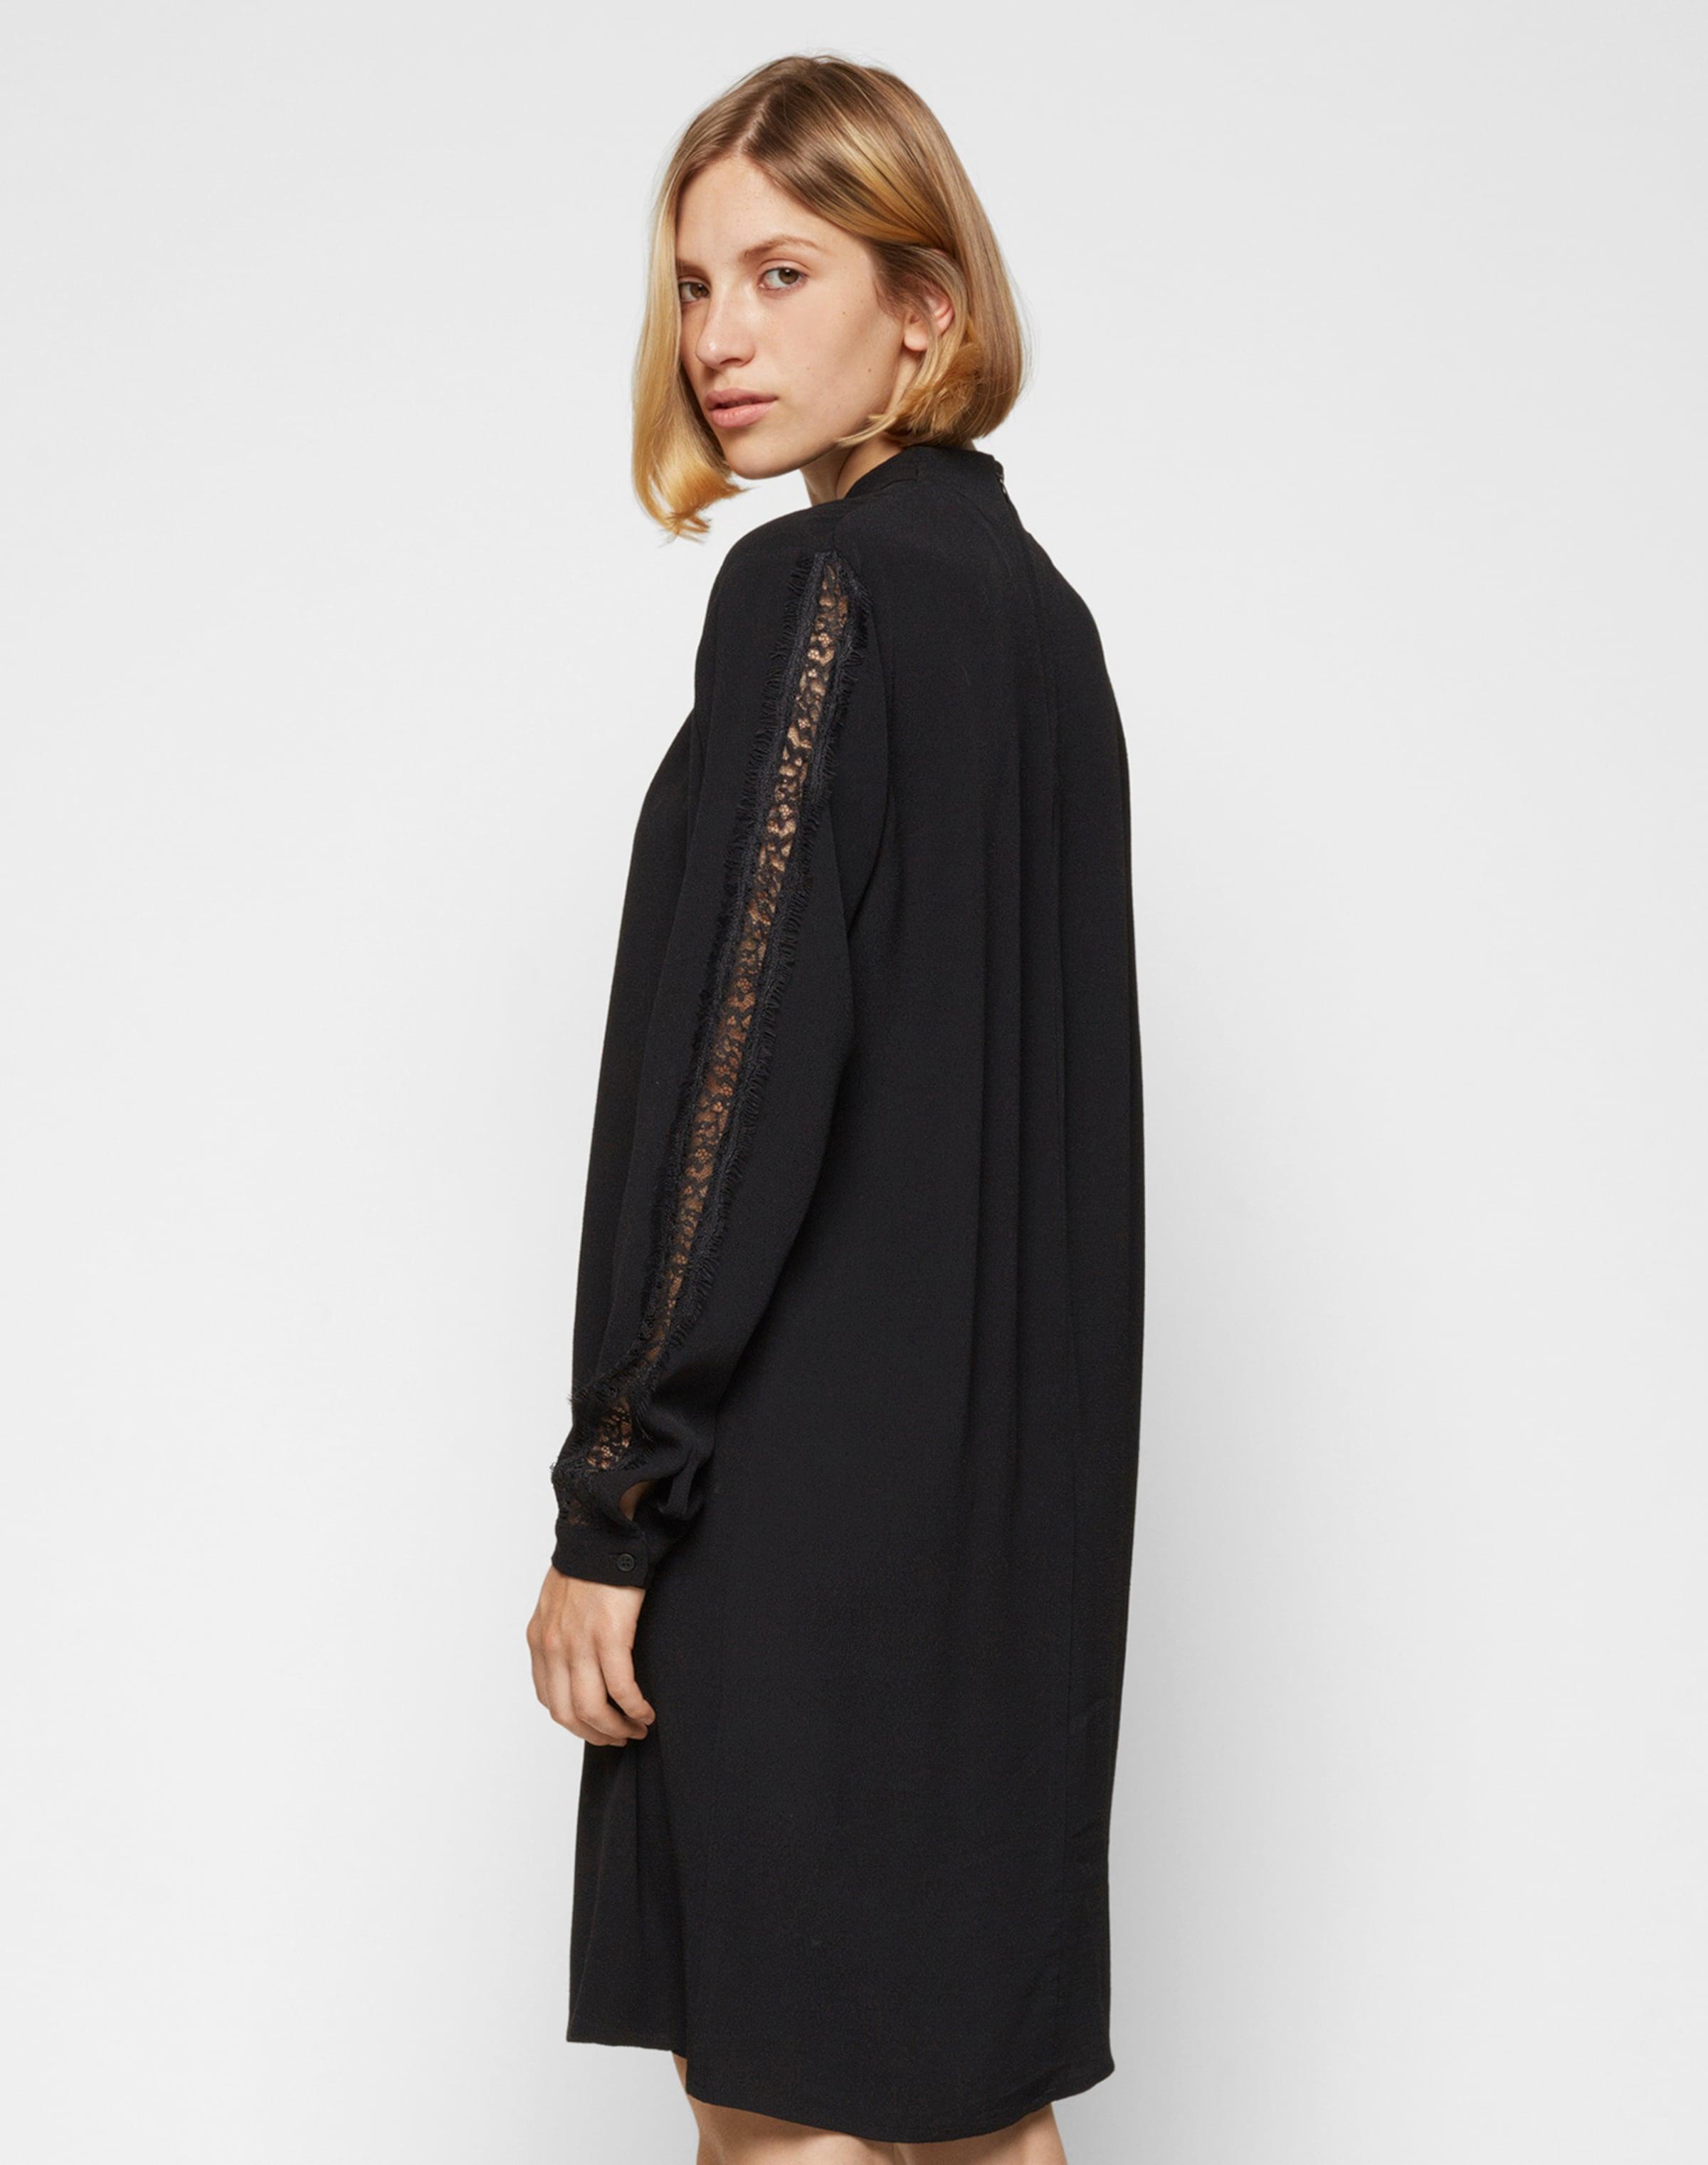 mbym Kleid mit Spitze 'Hela' Sneakernews Online Günstig Kaufen Auslassstellen Bester Preiswerter Großhandelspreis WtEII0eeiB